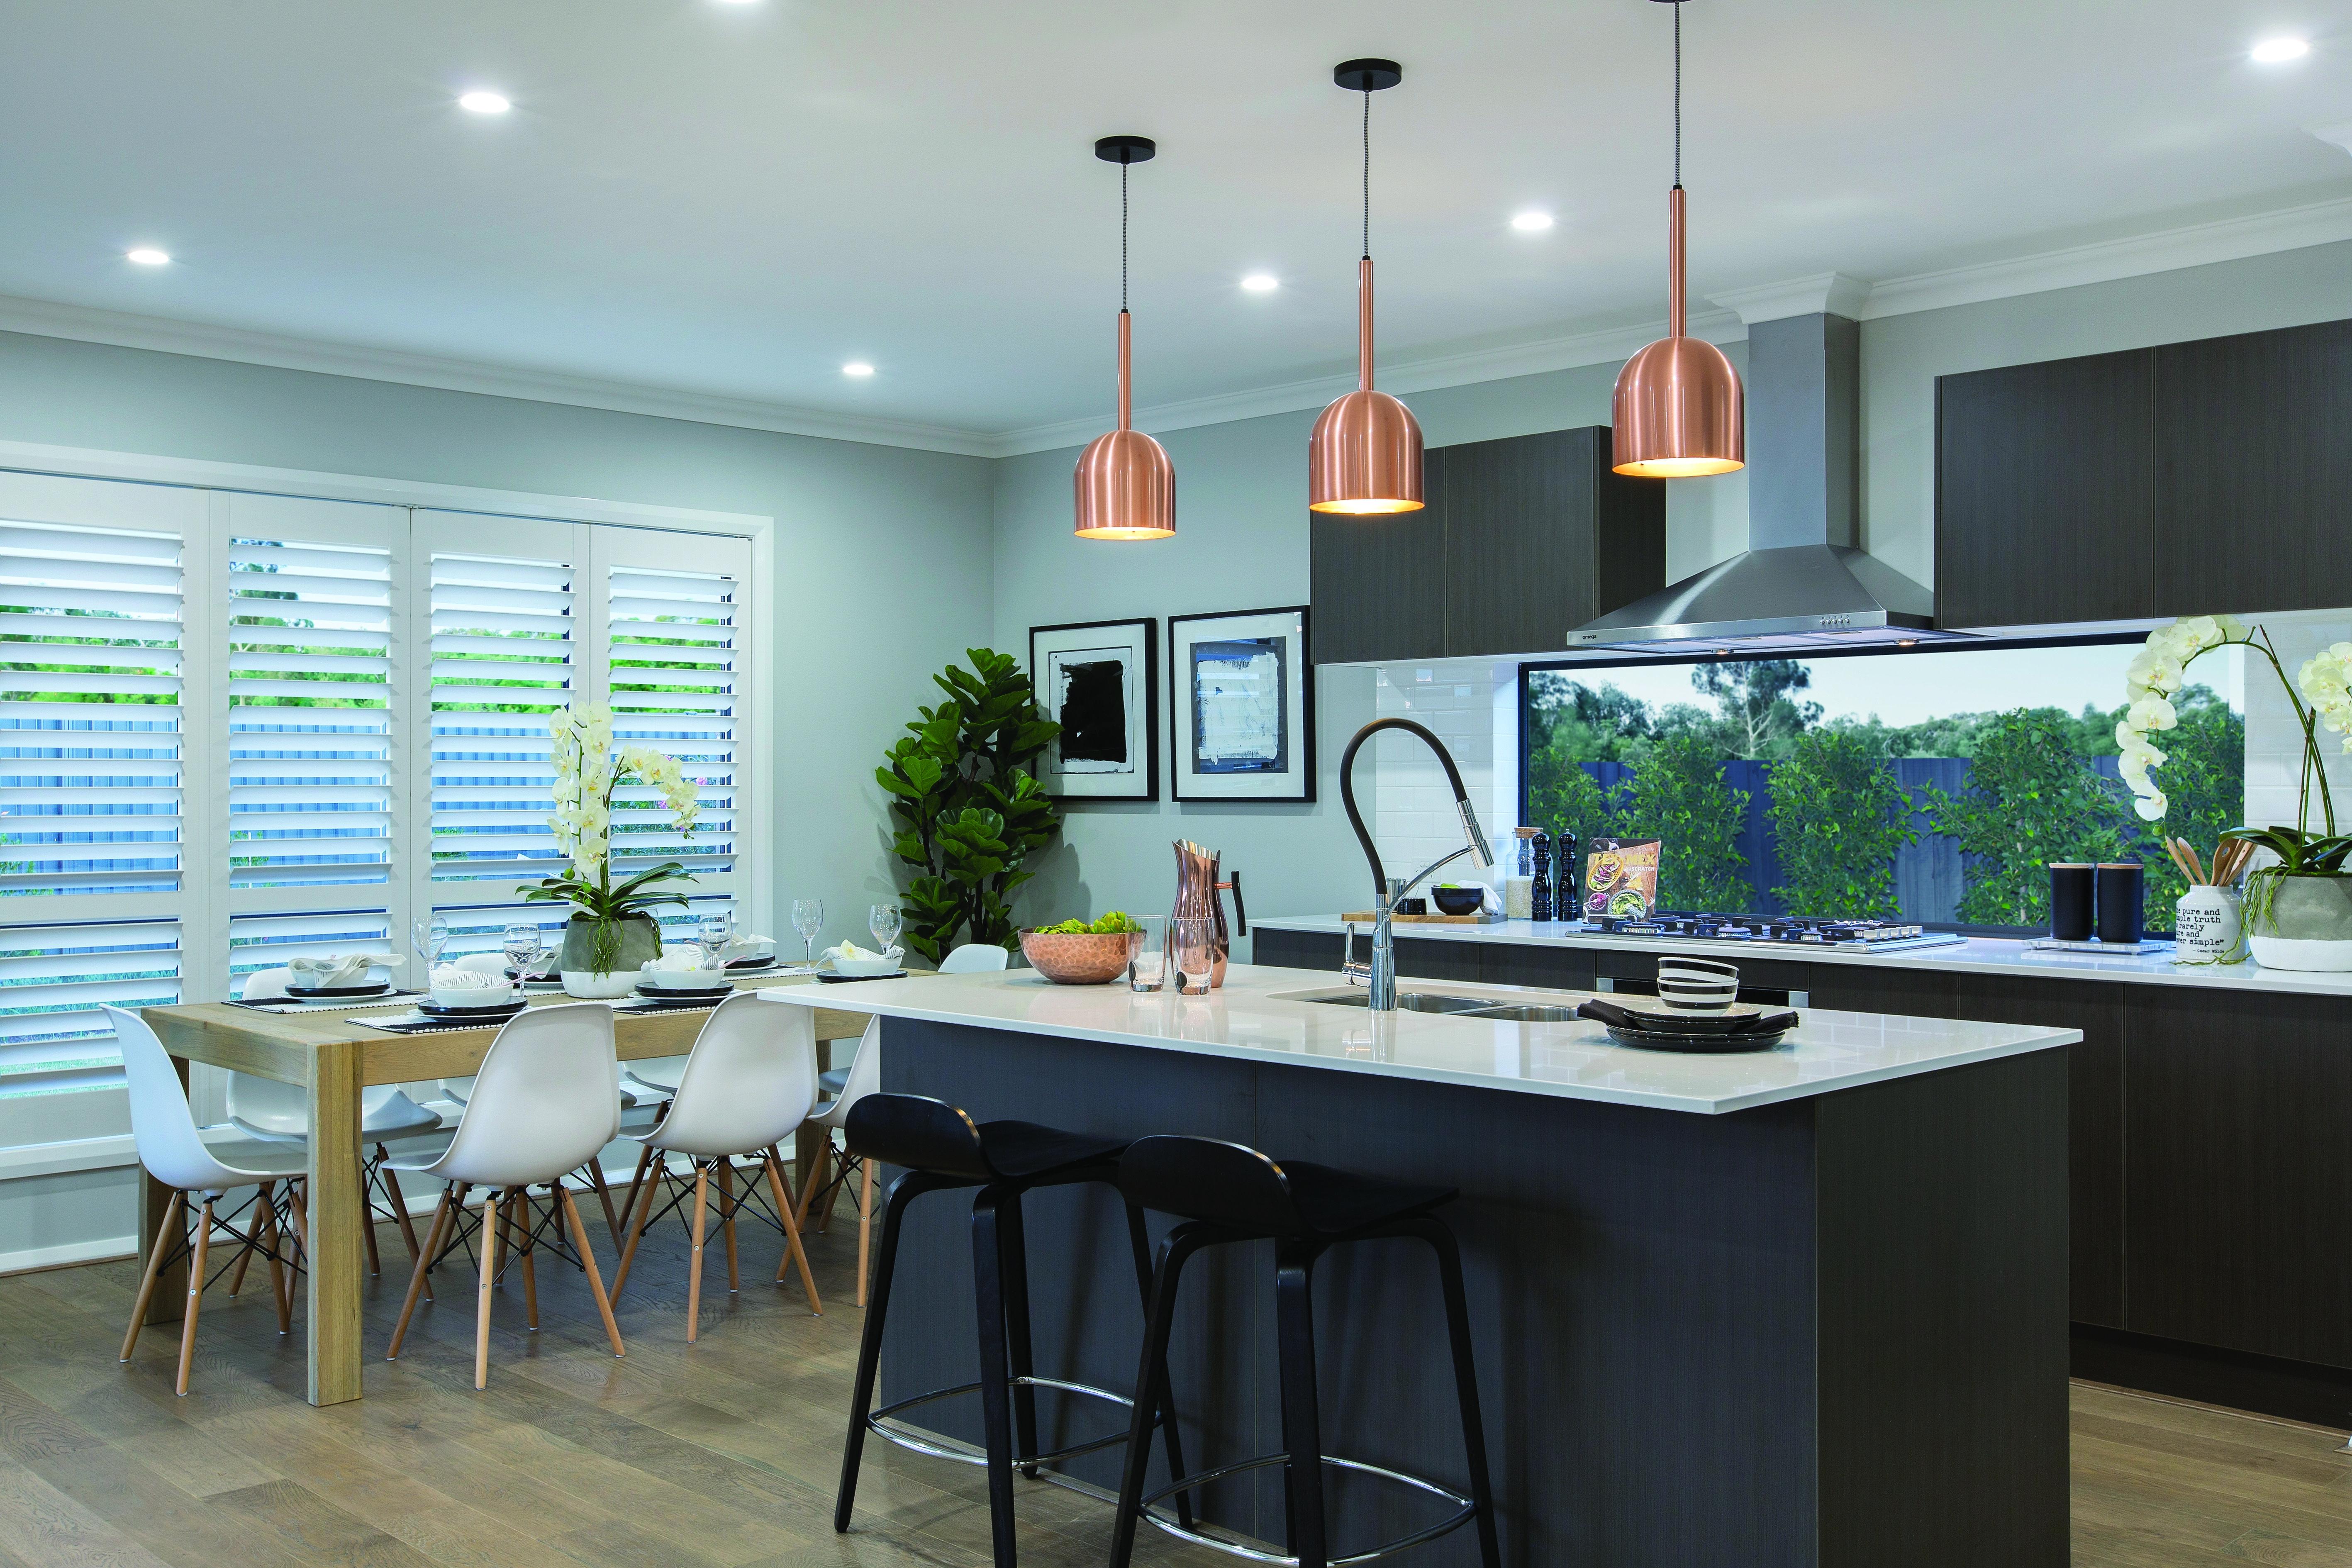 The Bristol Display By Eden Brae Homes NSW Httpwww - Kitchen designers bristol